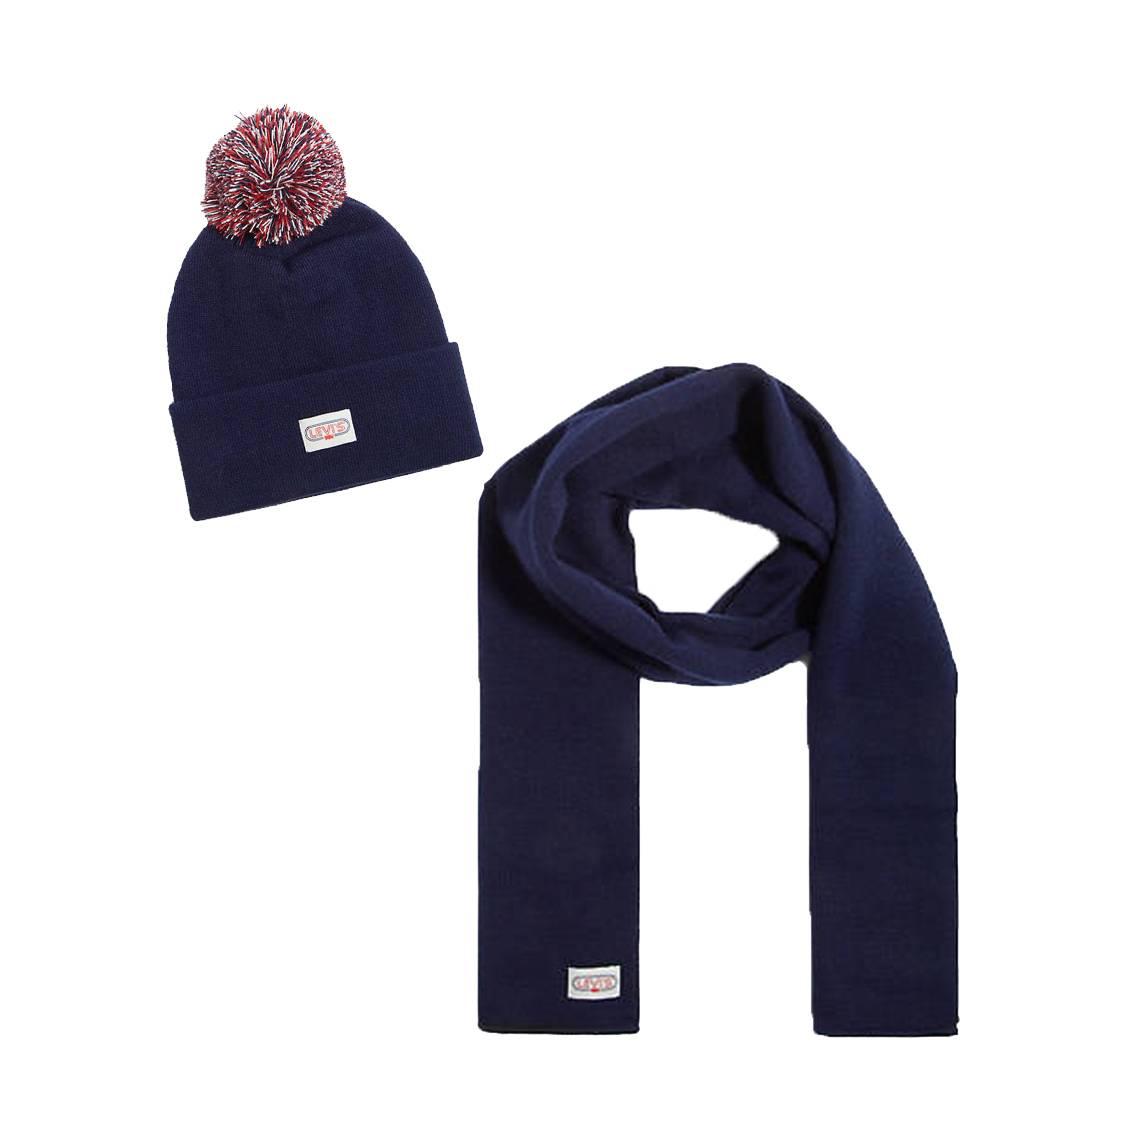 Coffret cadeau levi\'s ski : écharpe bleu marine et bonnet bleu marine à pompon